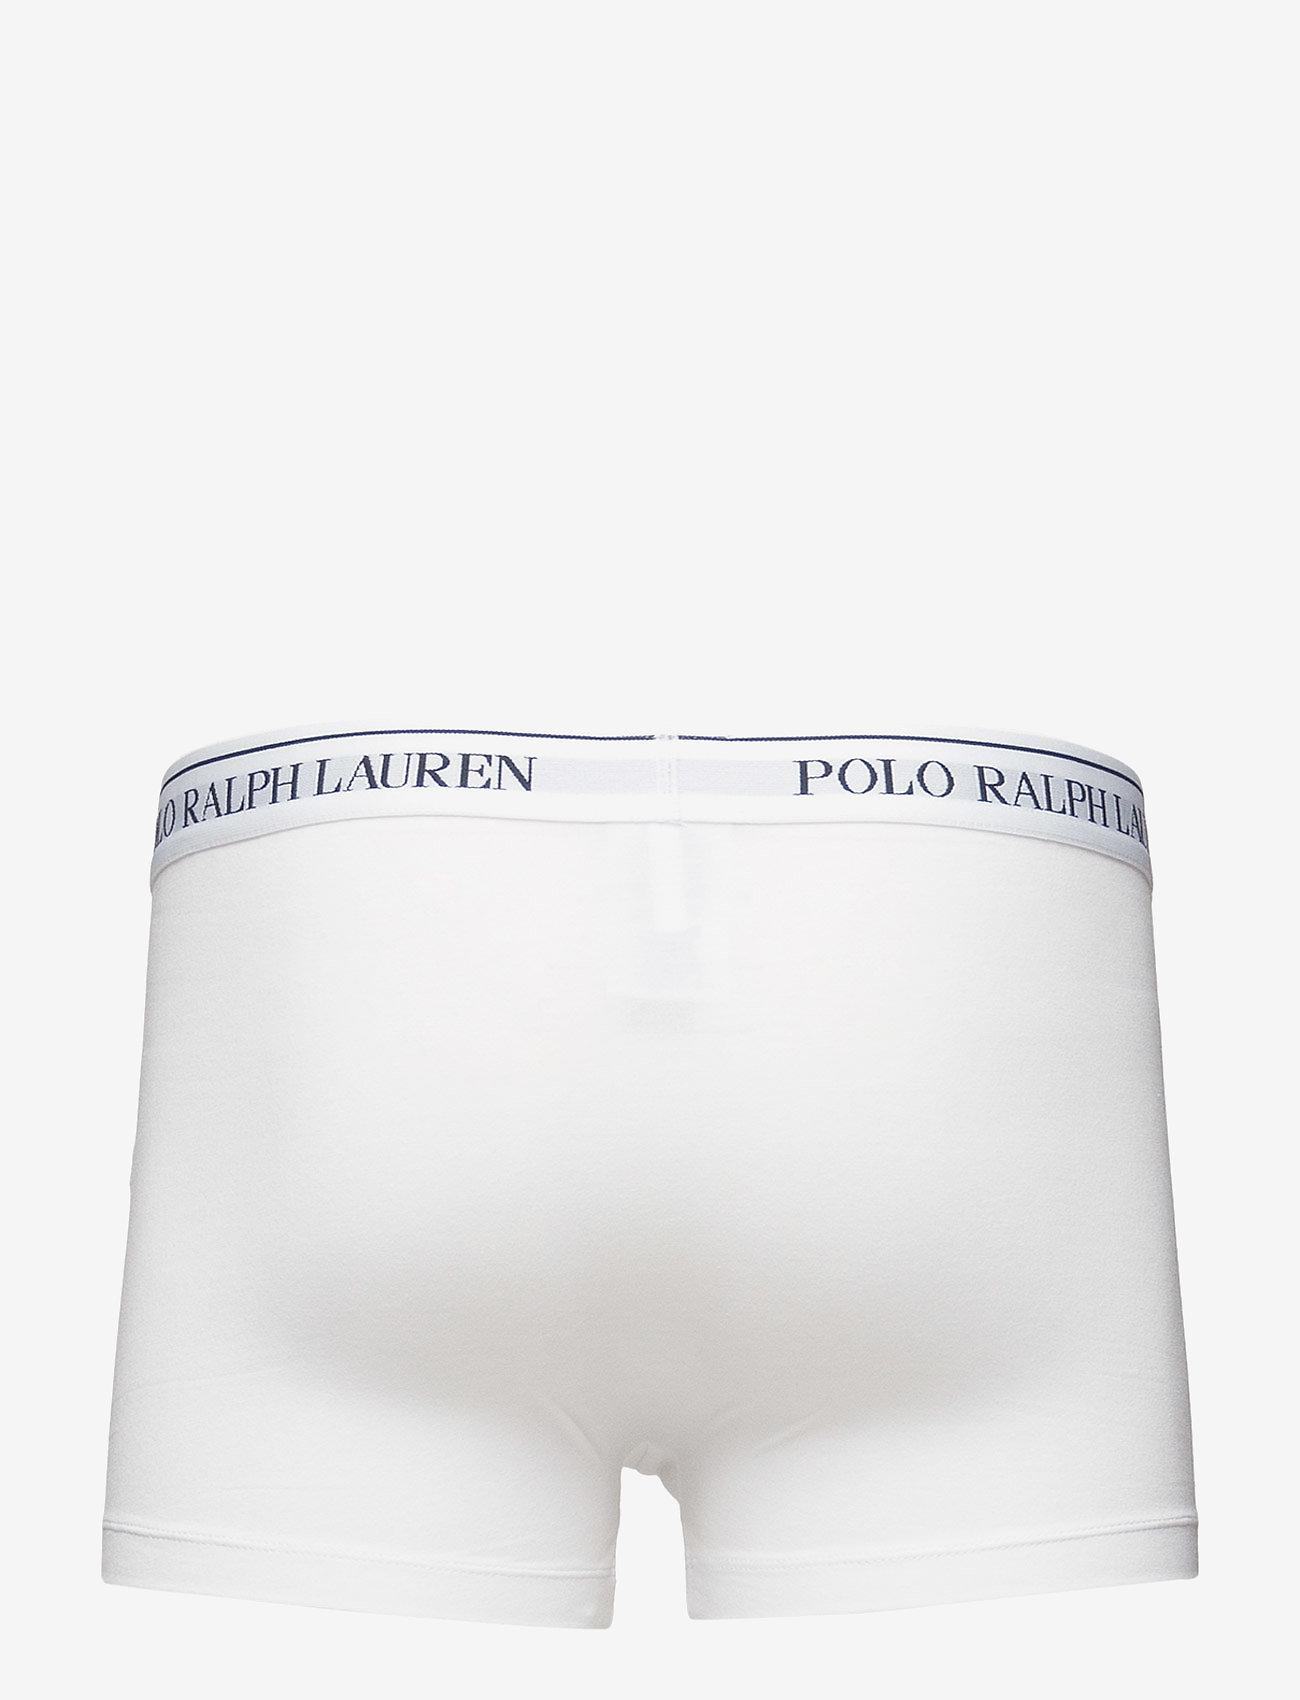 Stretch Cotton Classic Trunk (White) - Polo Ralph Lauren Underwear 4sUl4v